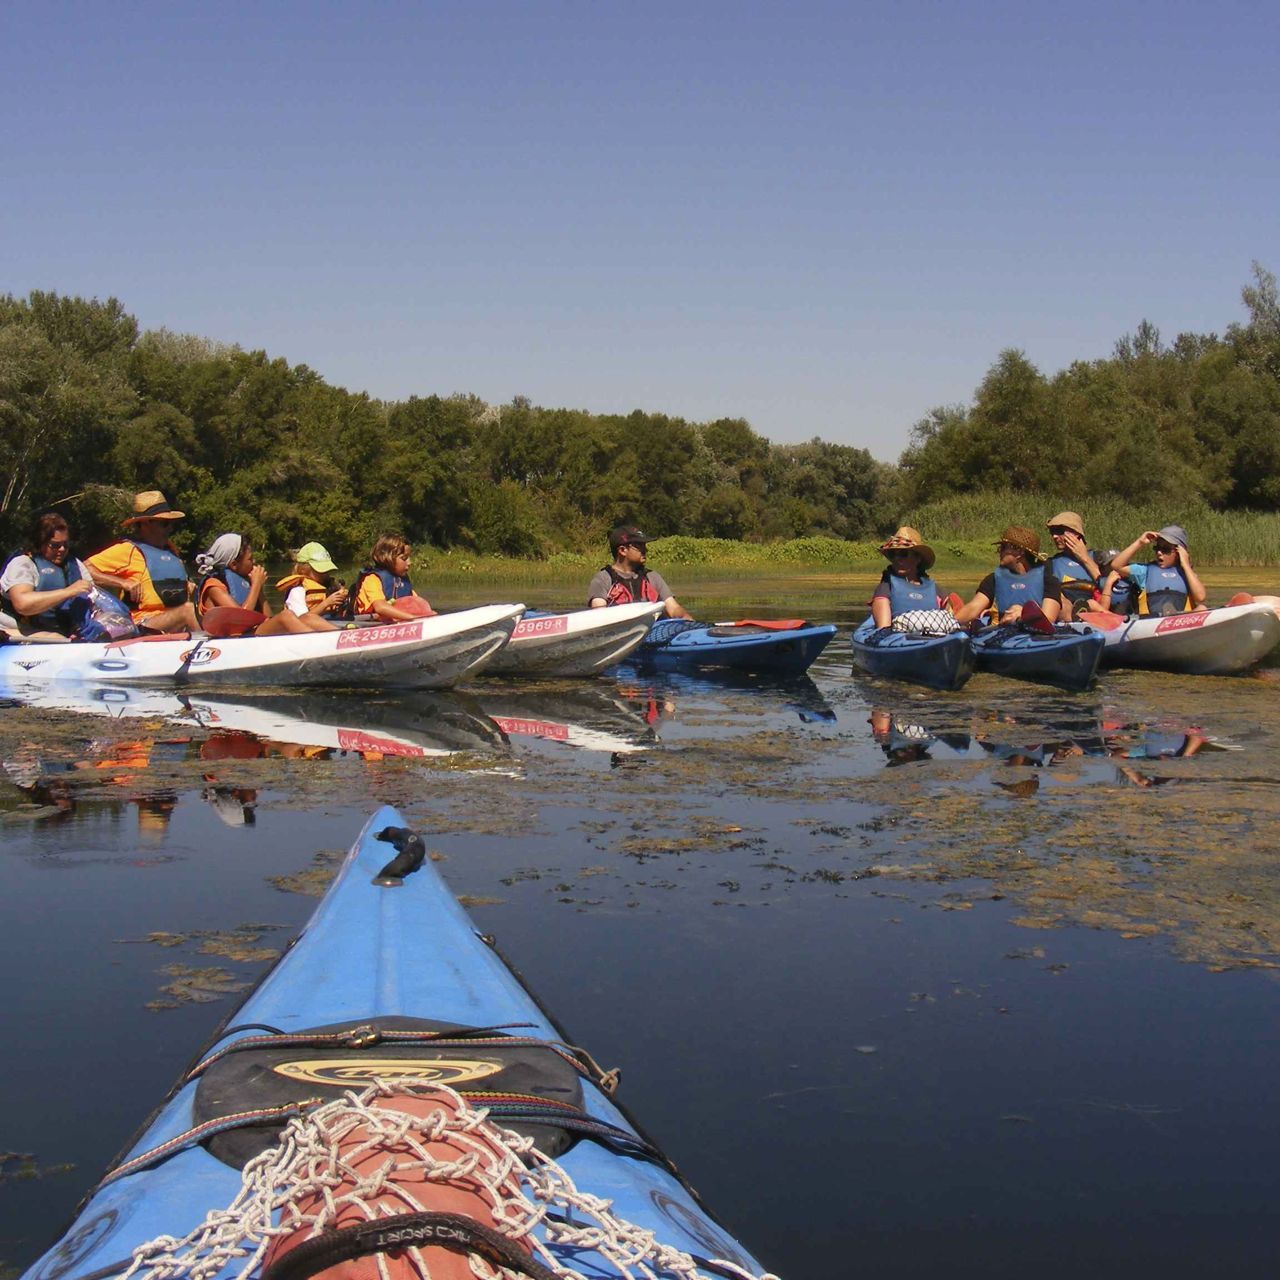 Terra Enllà ofrece distintas explicaciones sobre la lucha de los pontoneros republicanos durante la batalla del Ebro.